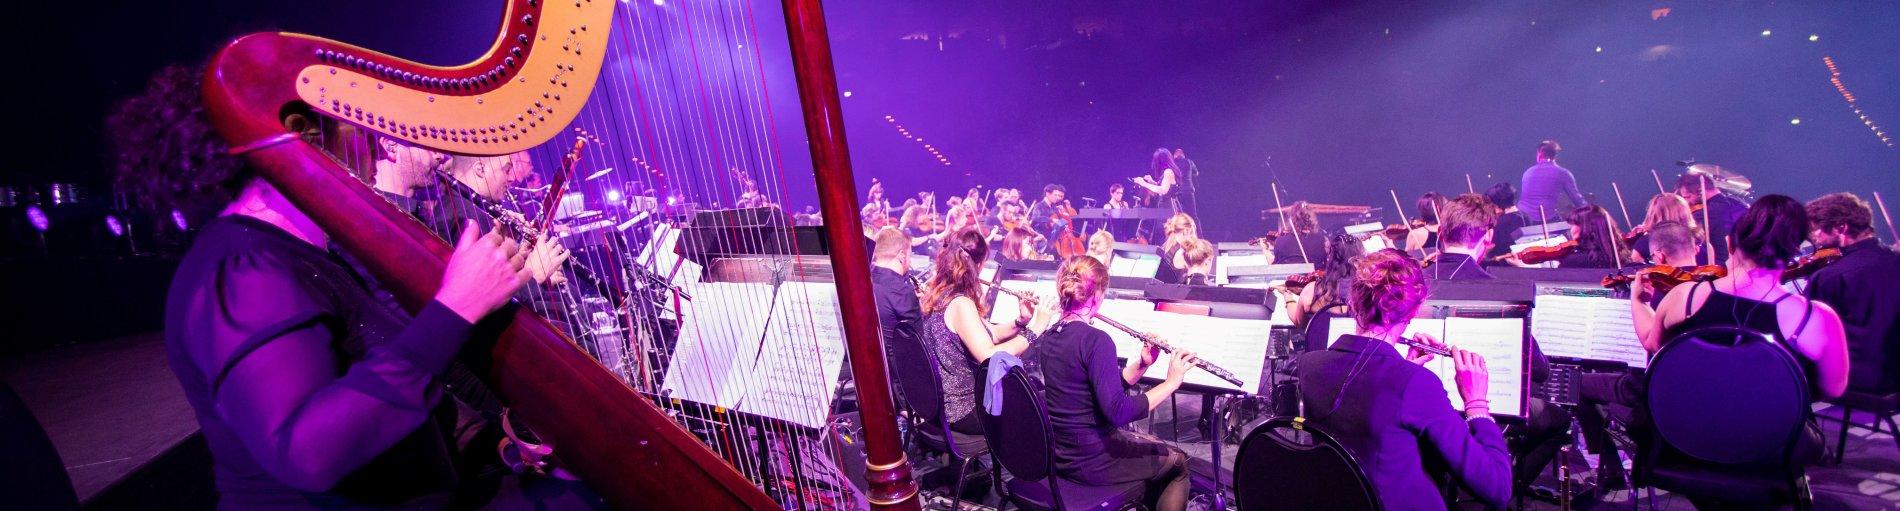 Ein musikalischer Act bei Night of the Proms.